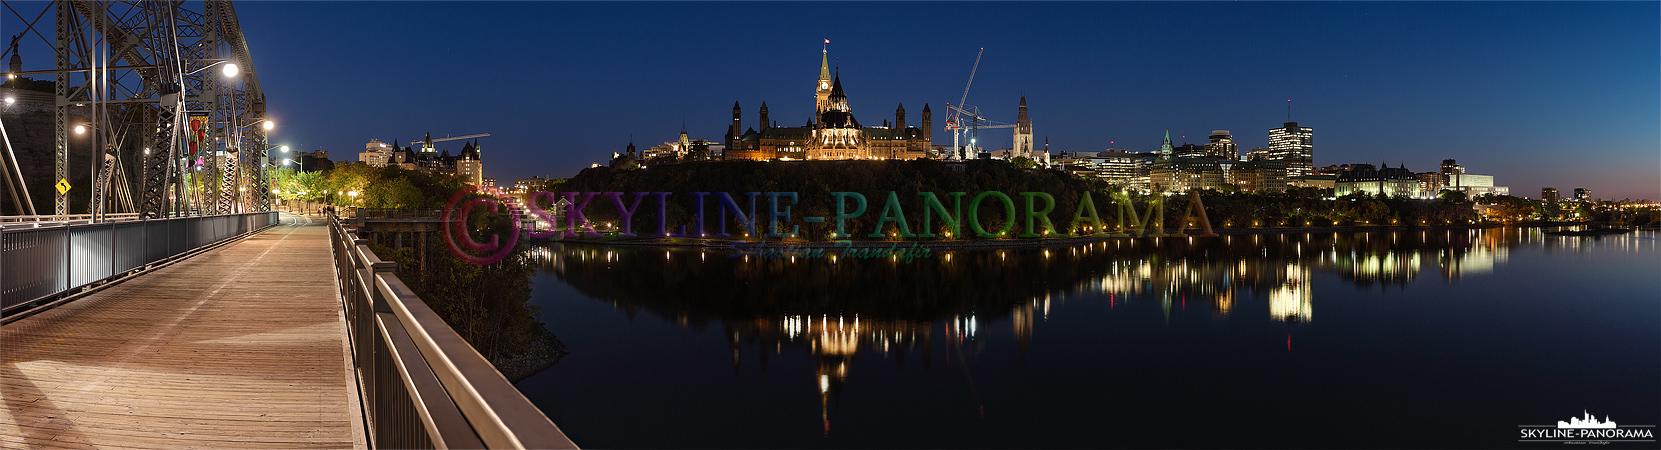 Panorama aus Kanada - Eine Aufnahme in der Blauen Stunde von der Alexandra Bridge in Richtung des Parliament Hill genannten Regierungsviertels von Ottawa.